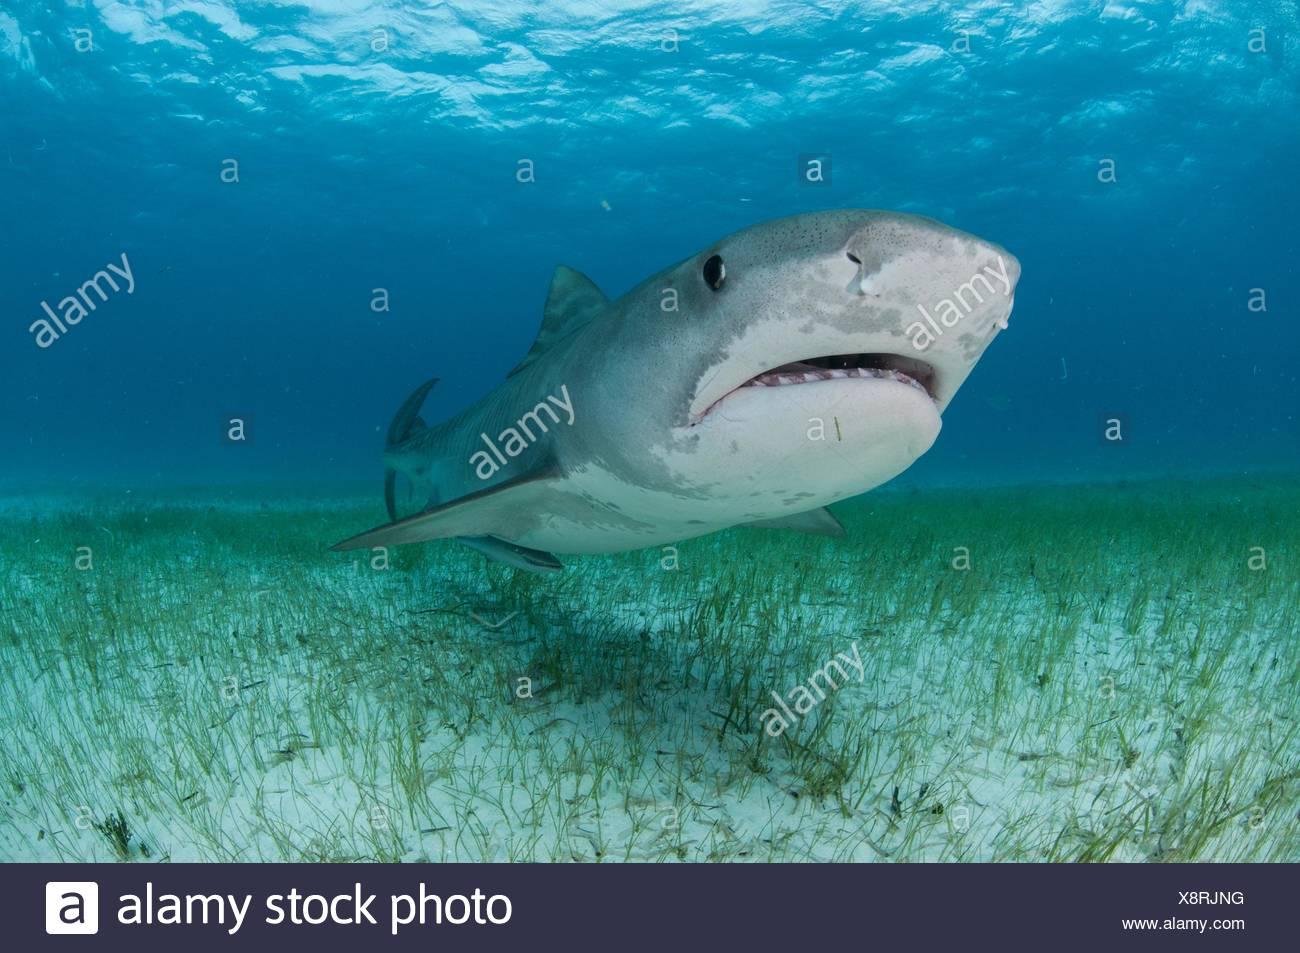 Low angle sous-vue de requin tigre nager près des fonds marins couverts d'herbes marines, plage du Tigre, Bahamas Photo Stock